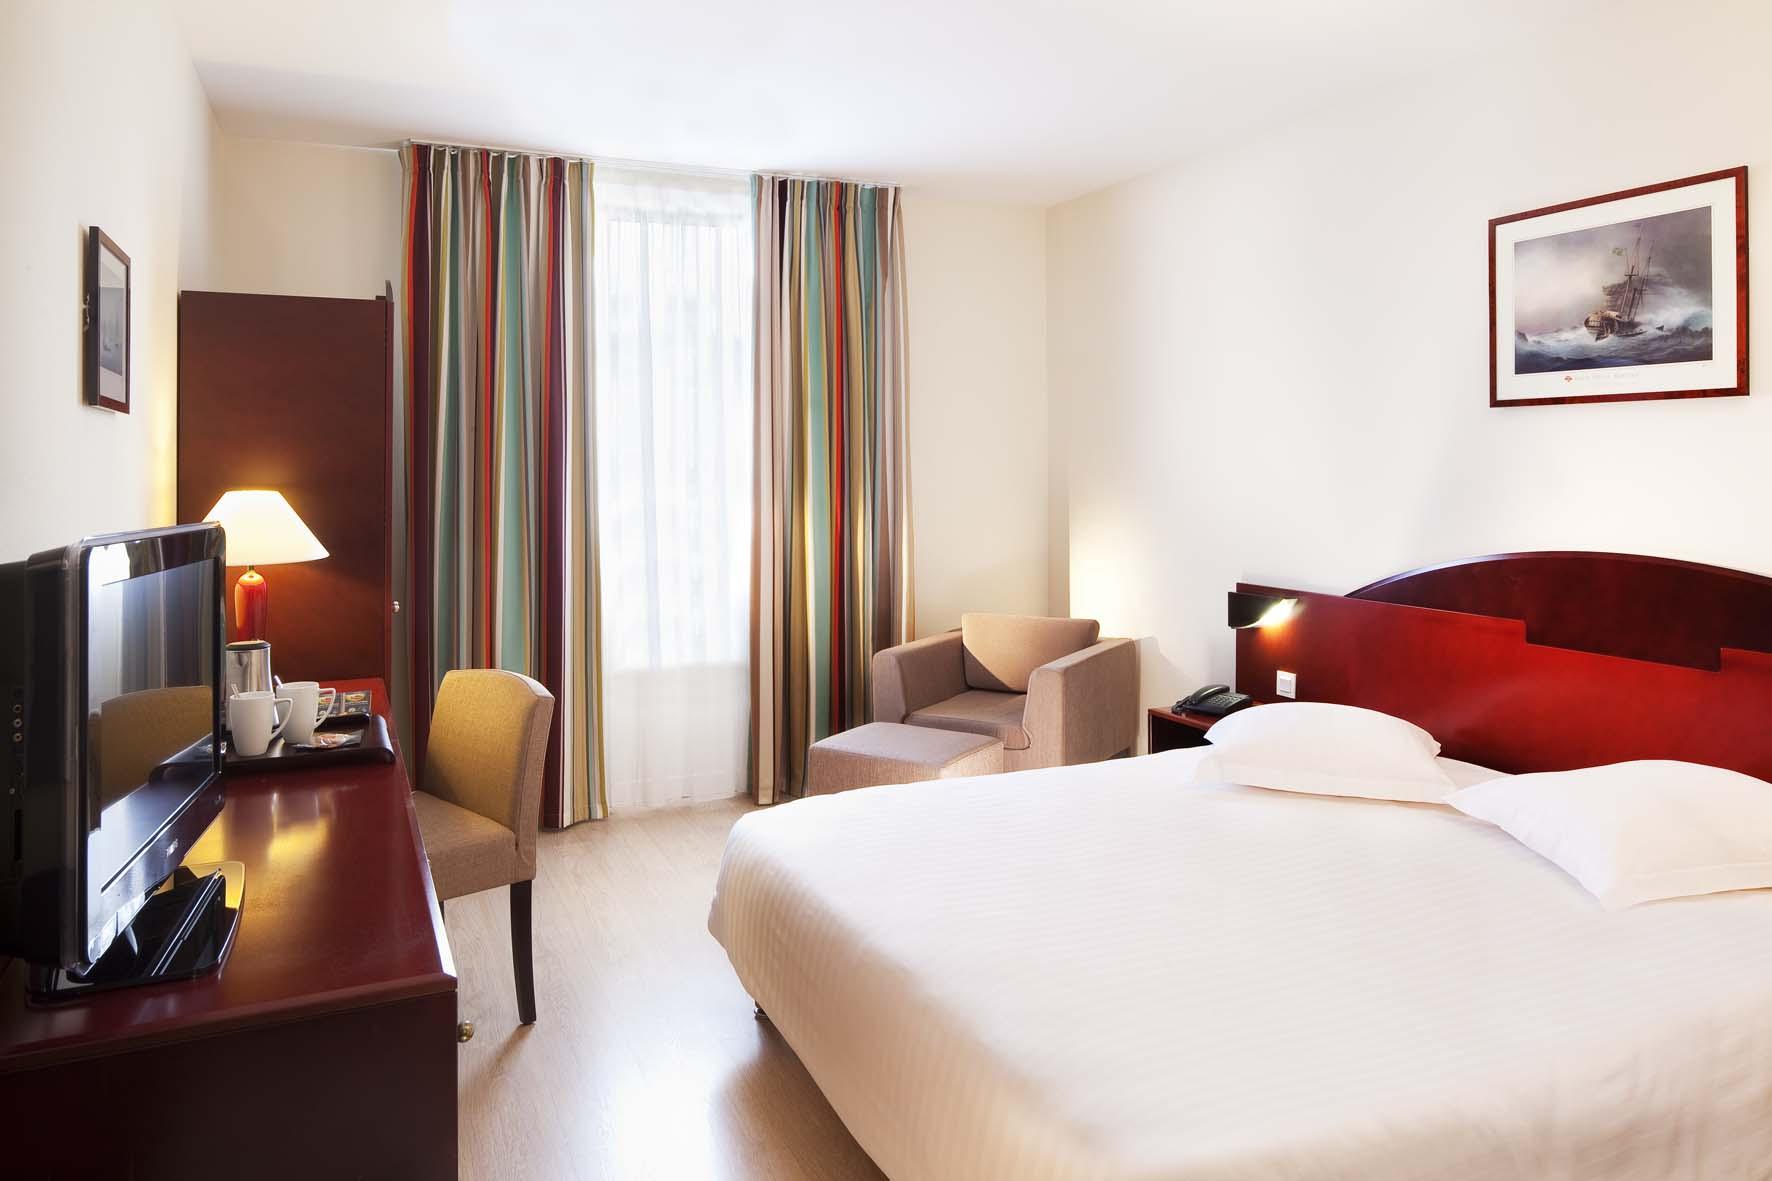 Hotel Appart City Brest - Place De Strasbourg à Brest